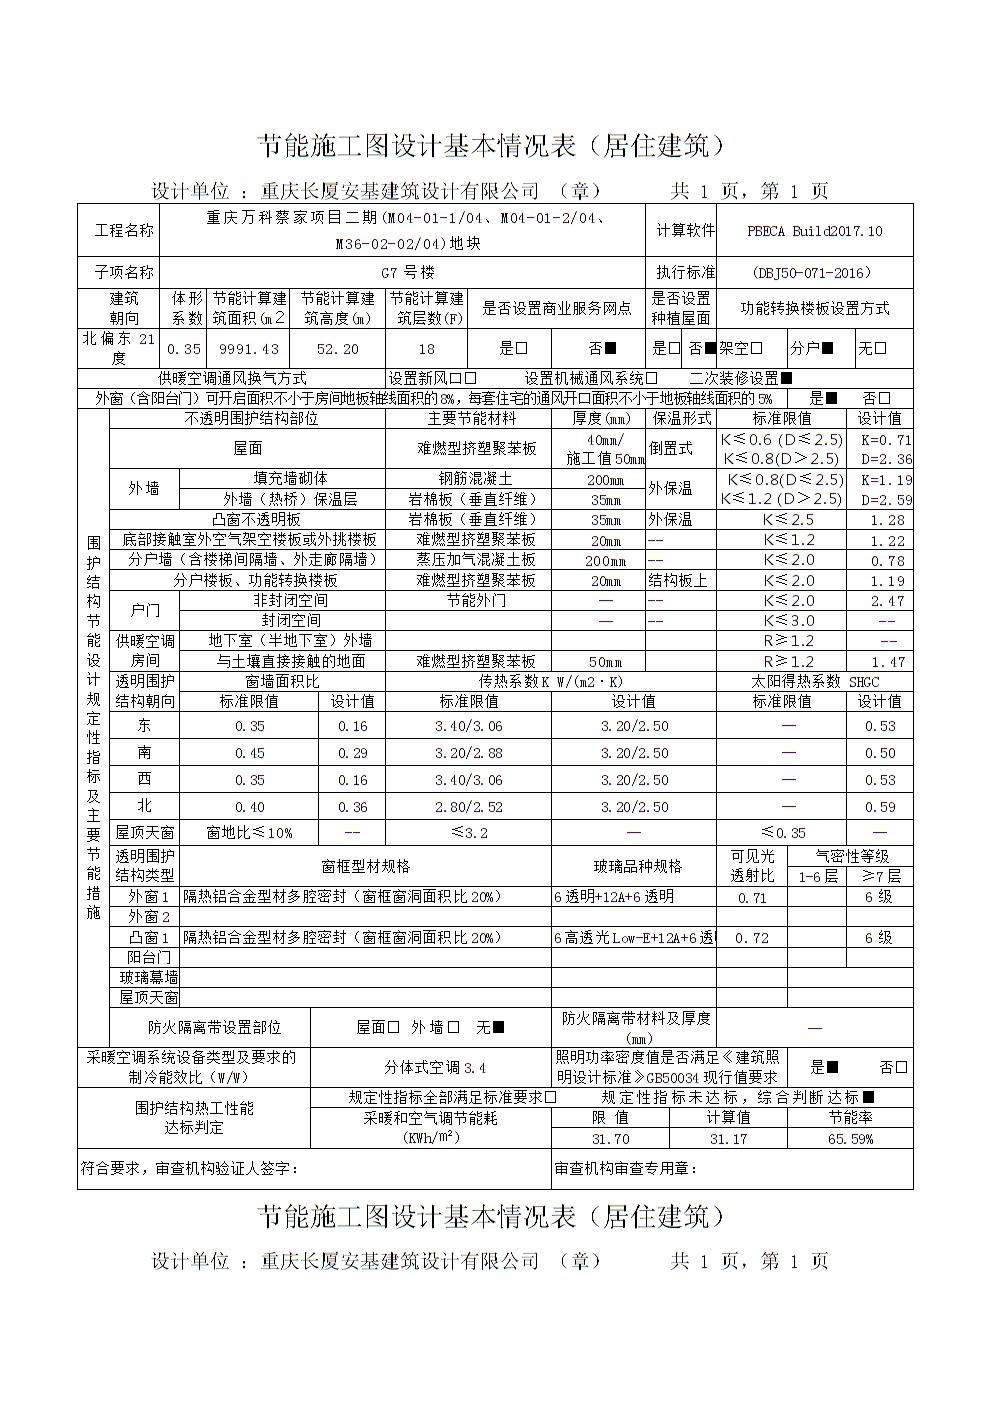 重庆居住建筑节能情况表.doc